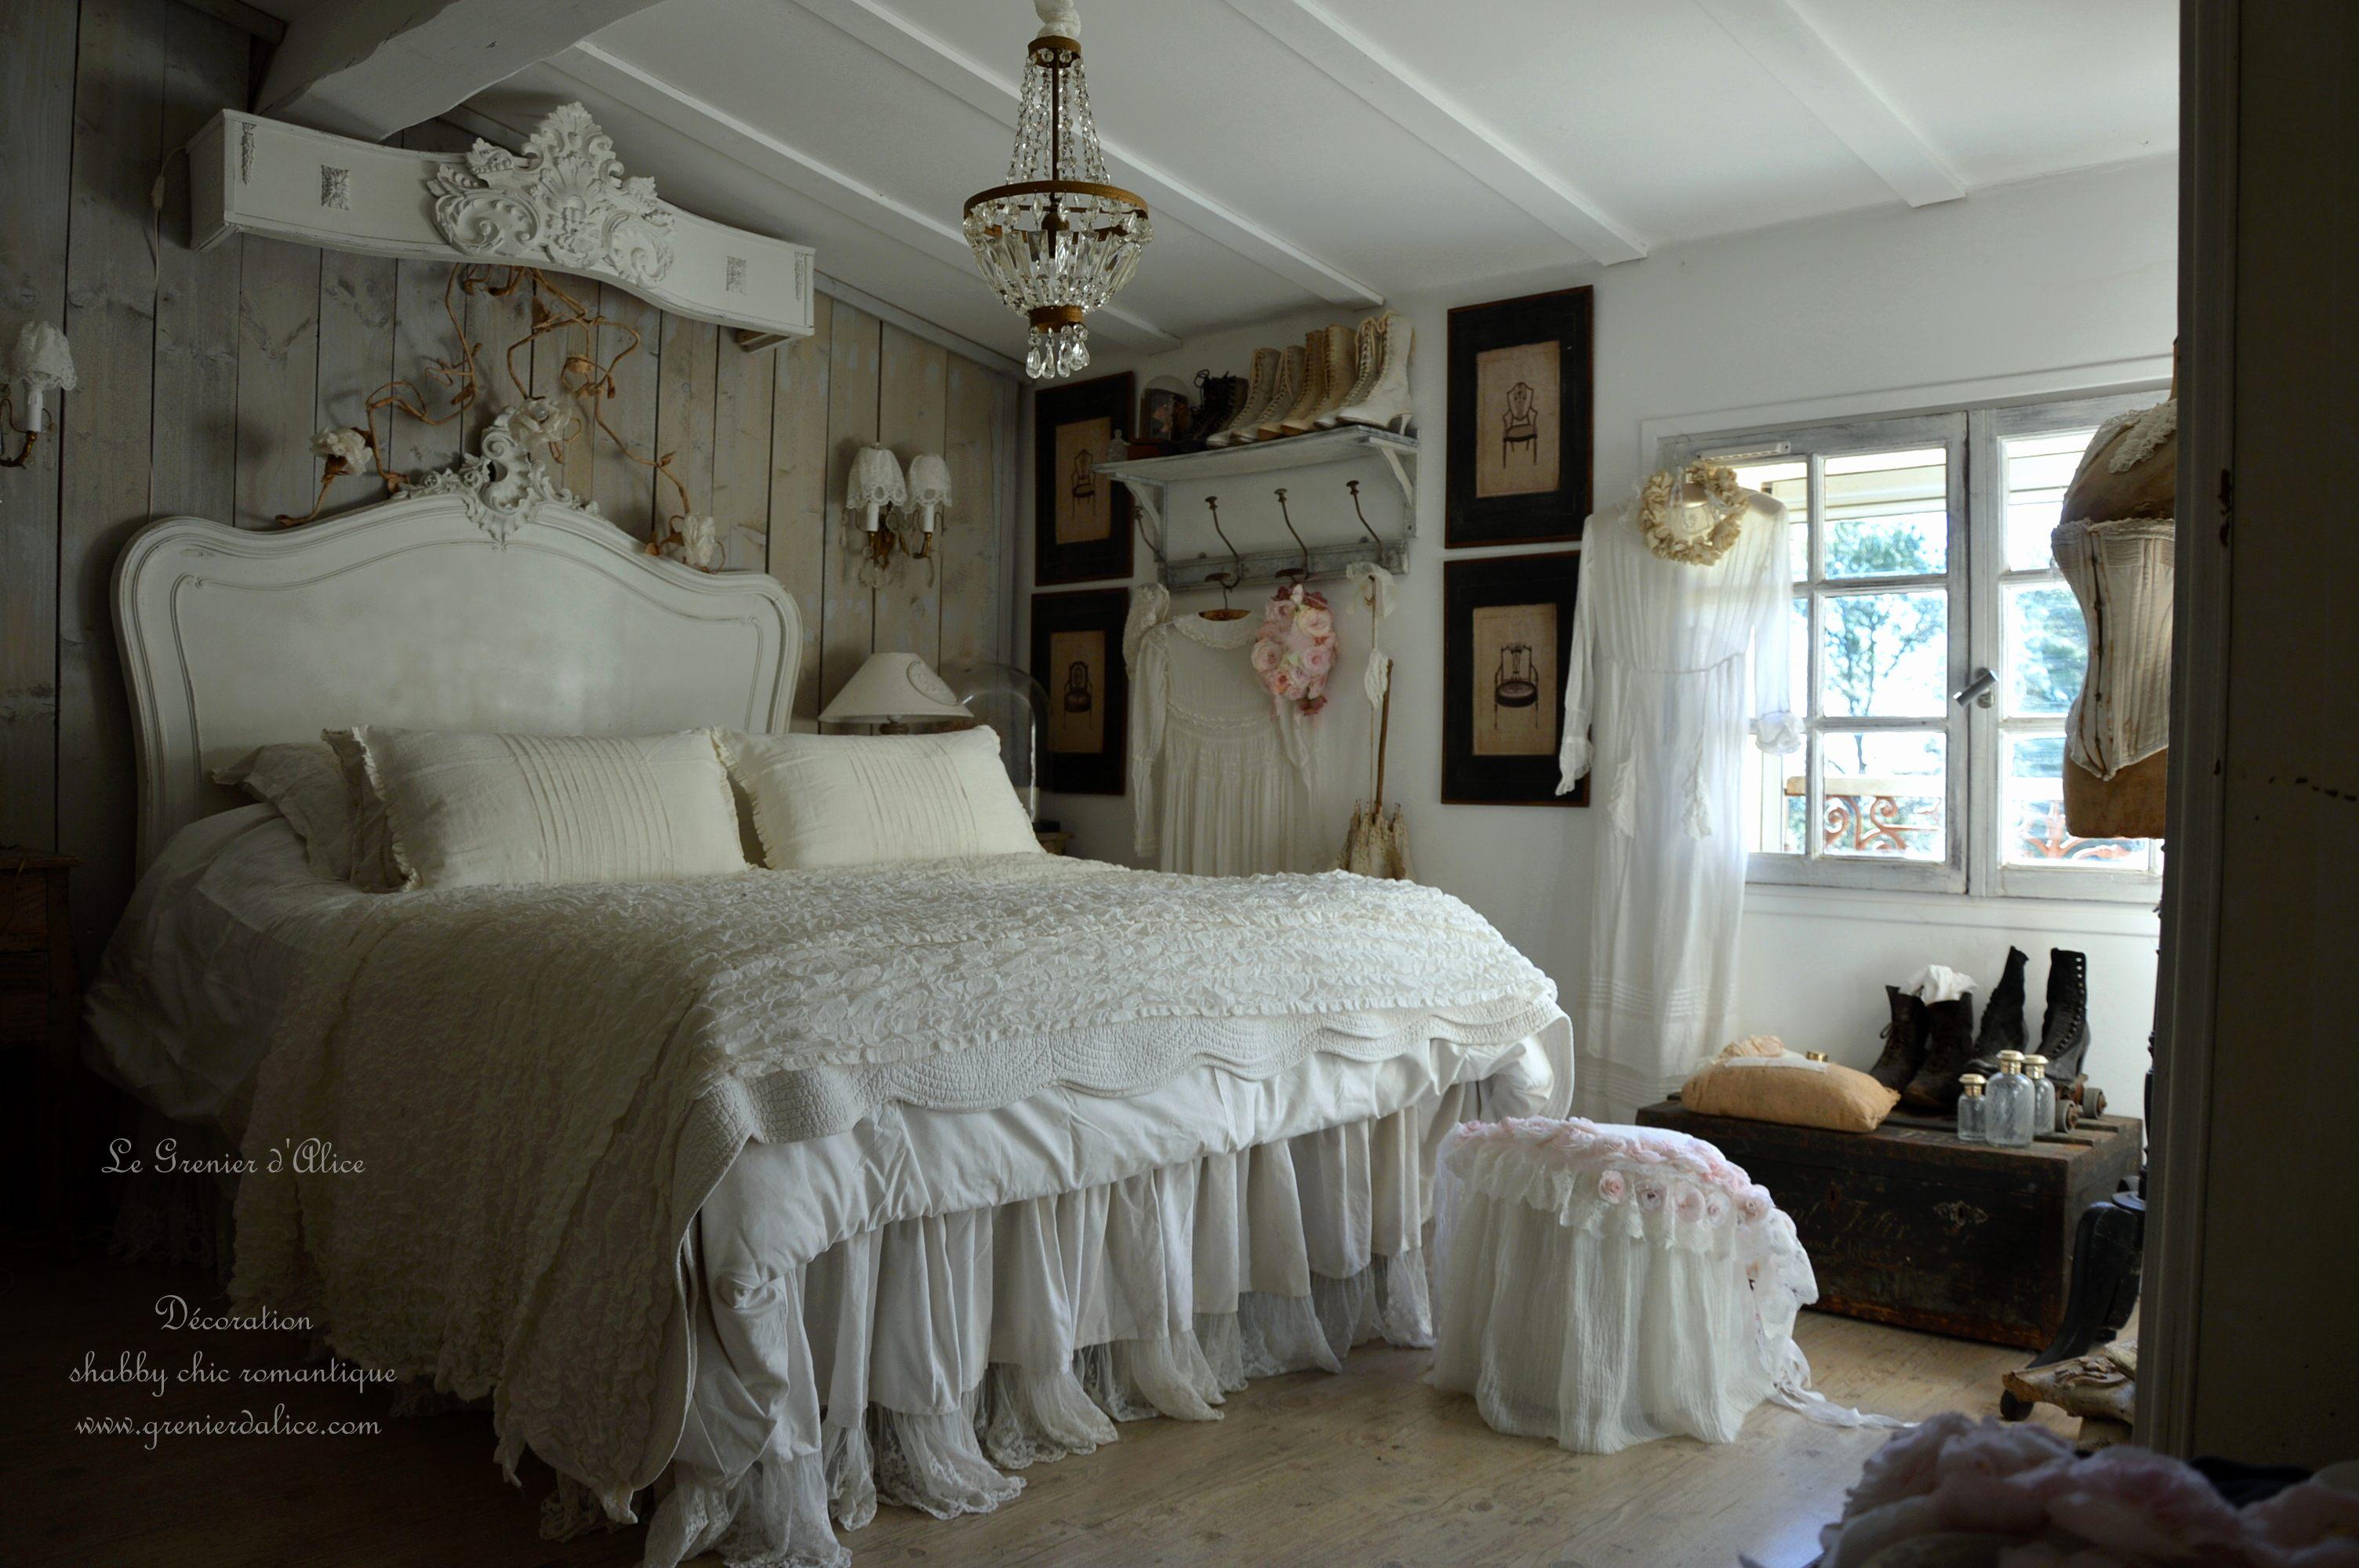 Tete De Lit Romantique Magnifique Chambre Romantique Blanche Beau Chambre Romantique Blanche Beau